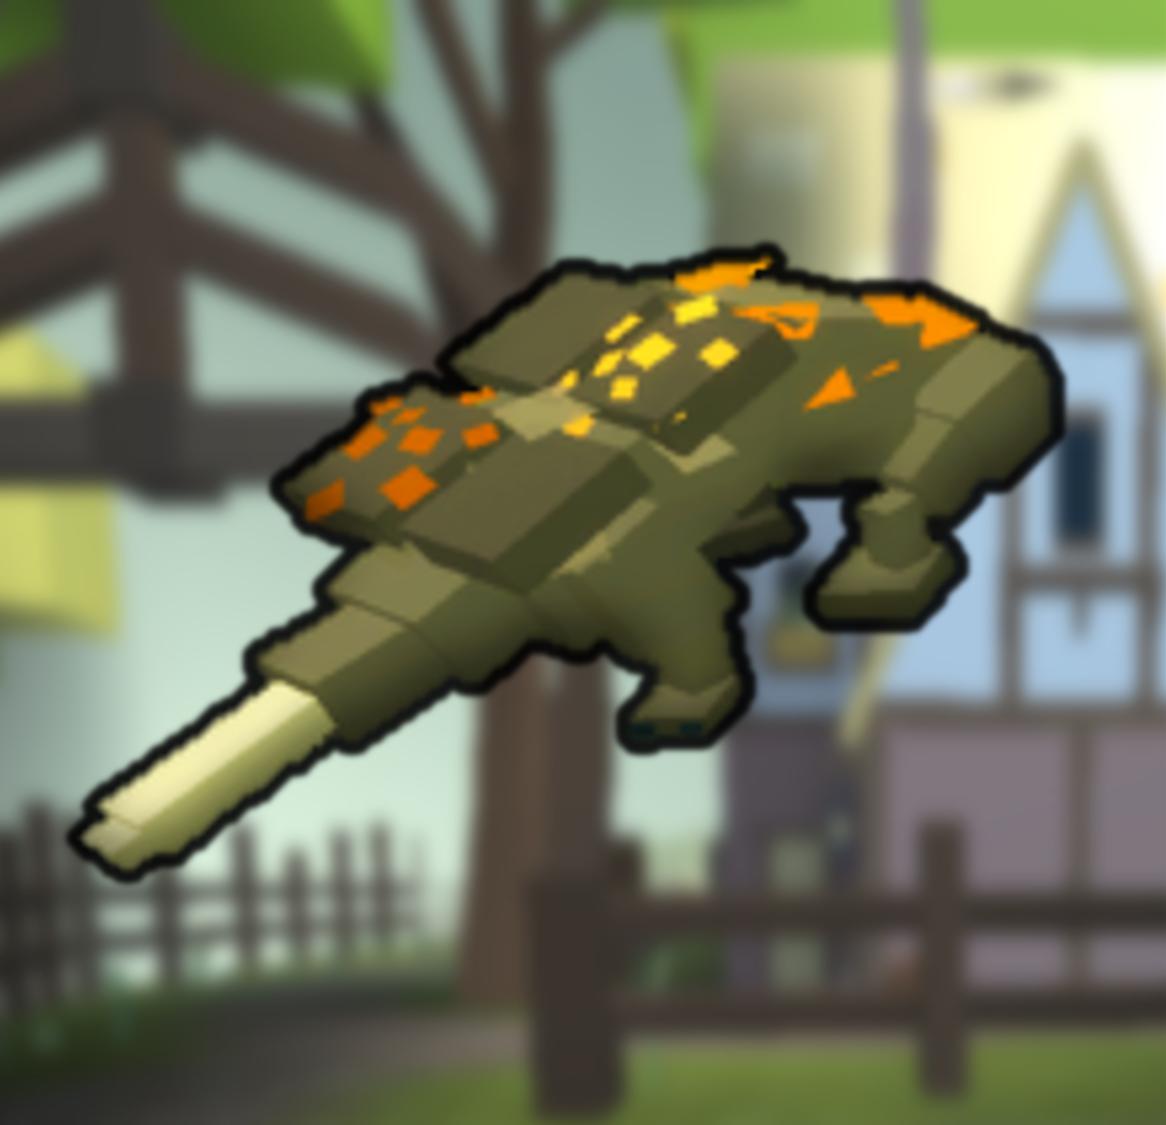 Spore Mole